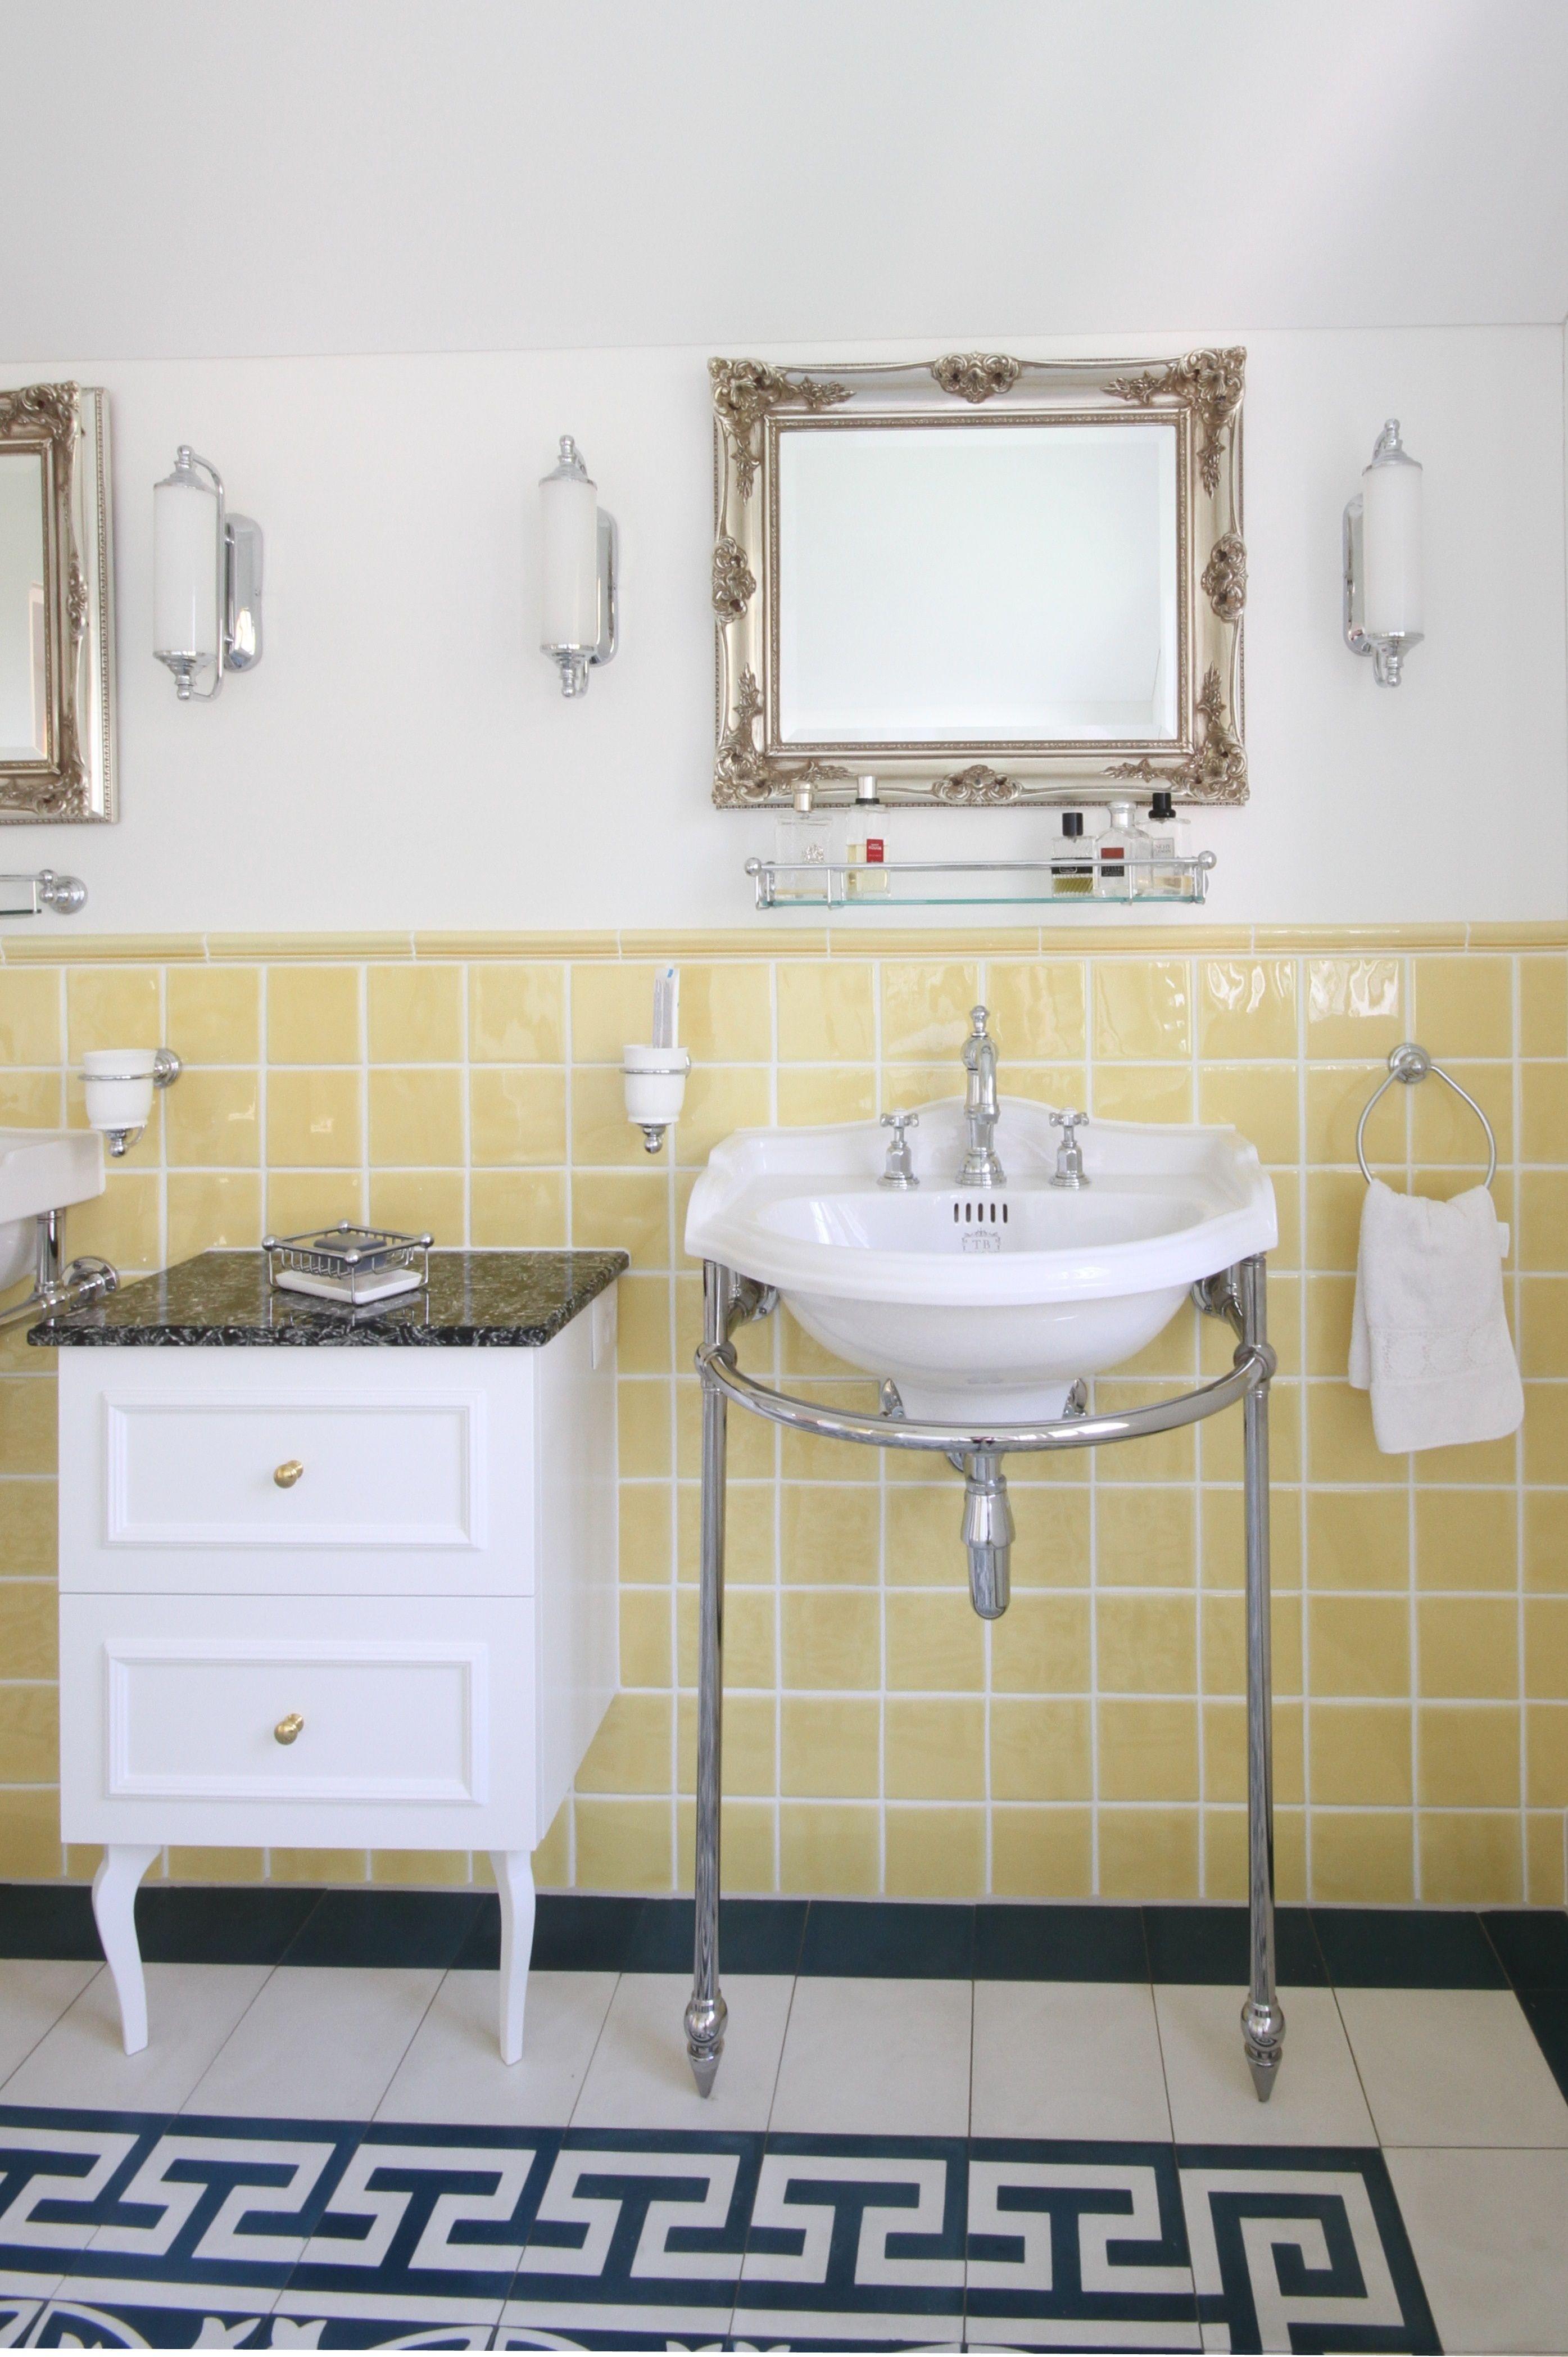 Waschtisch mit Konsole  Waschtisch, Badezimmer, Handwaschbecken